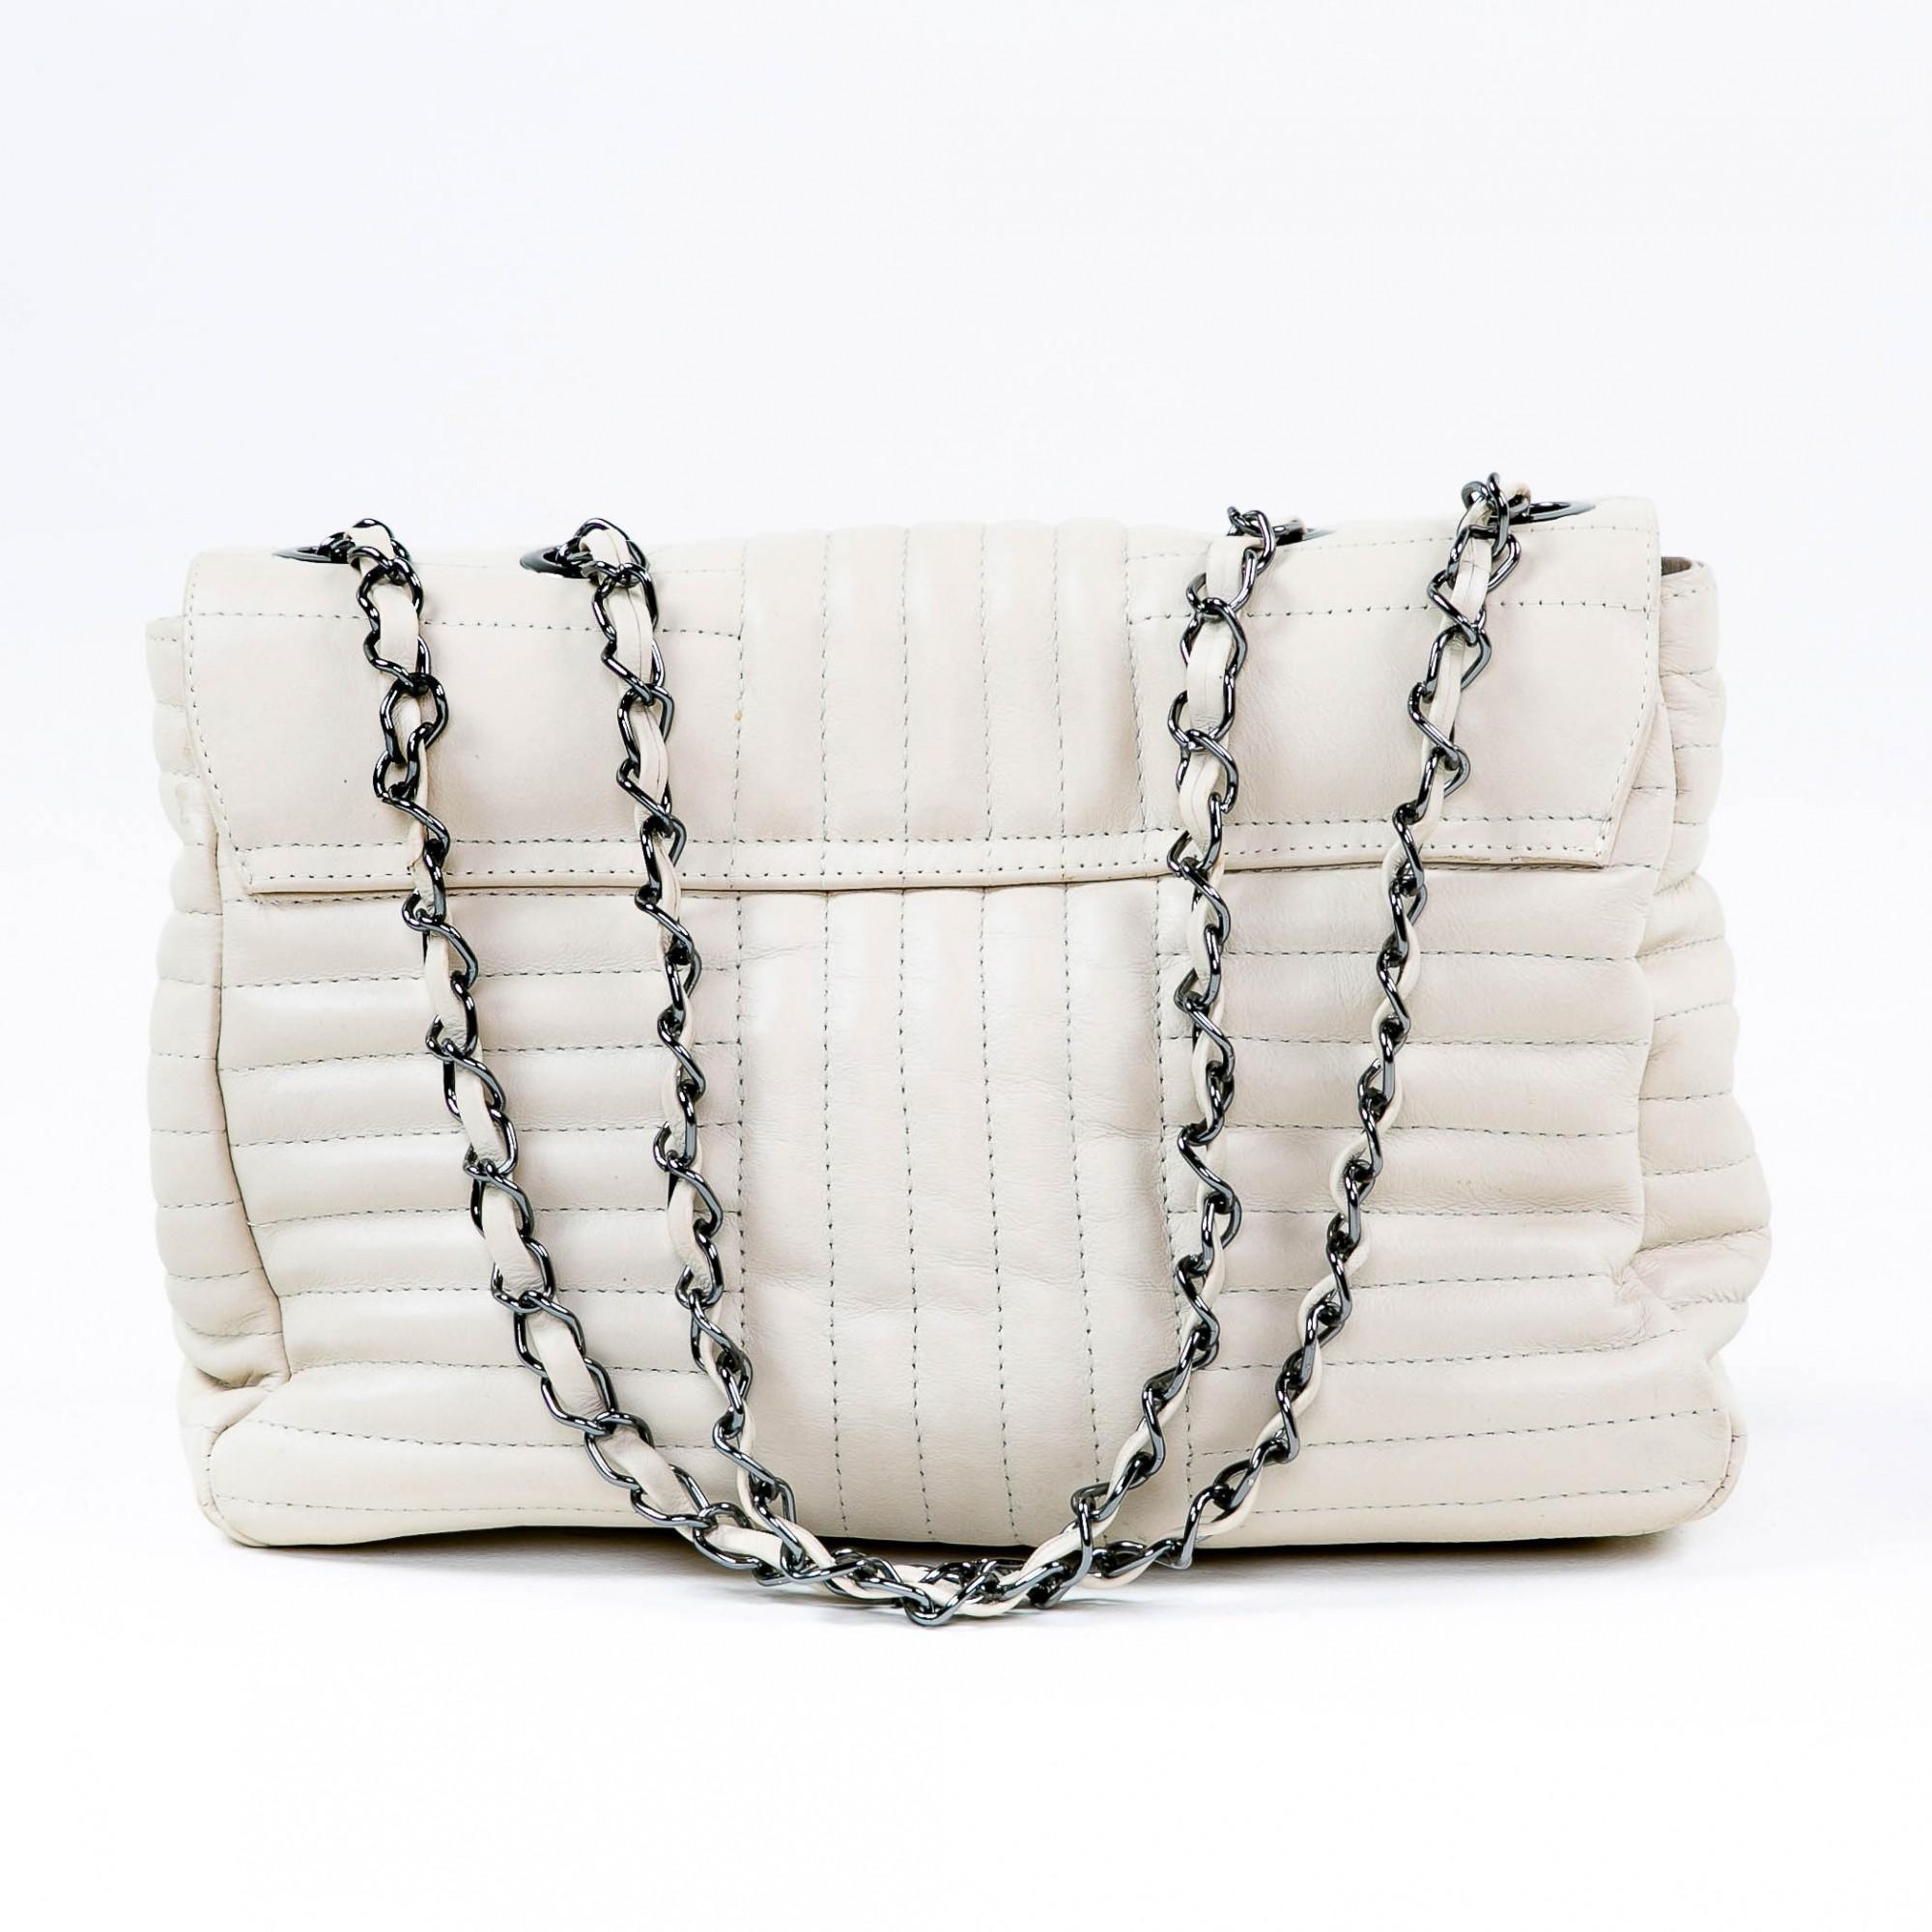 Bolsa matelassê couro off white